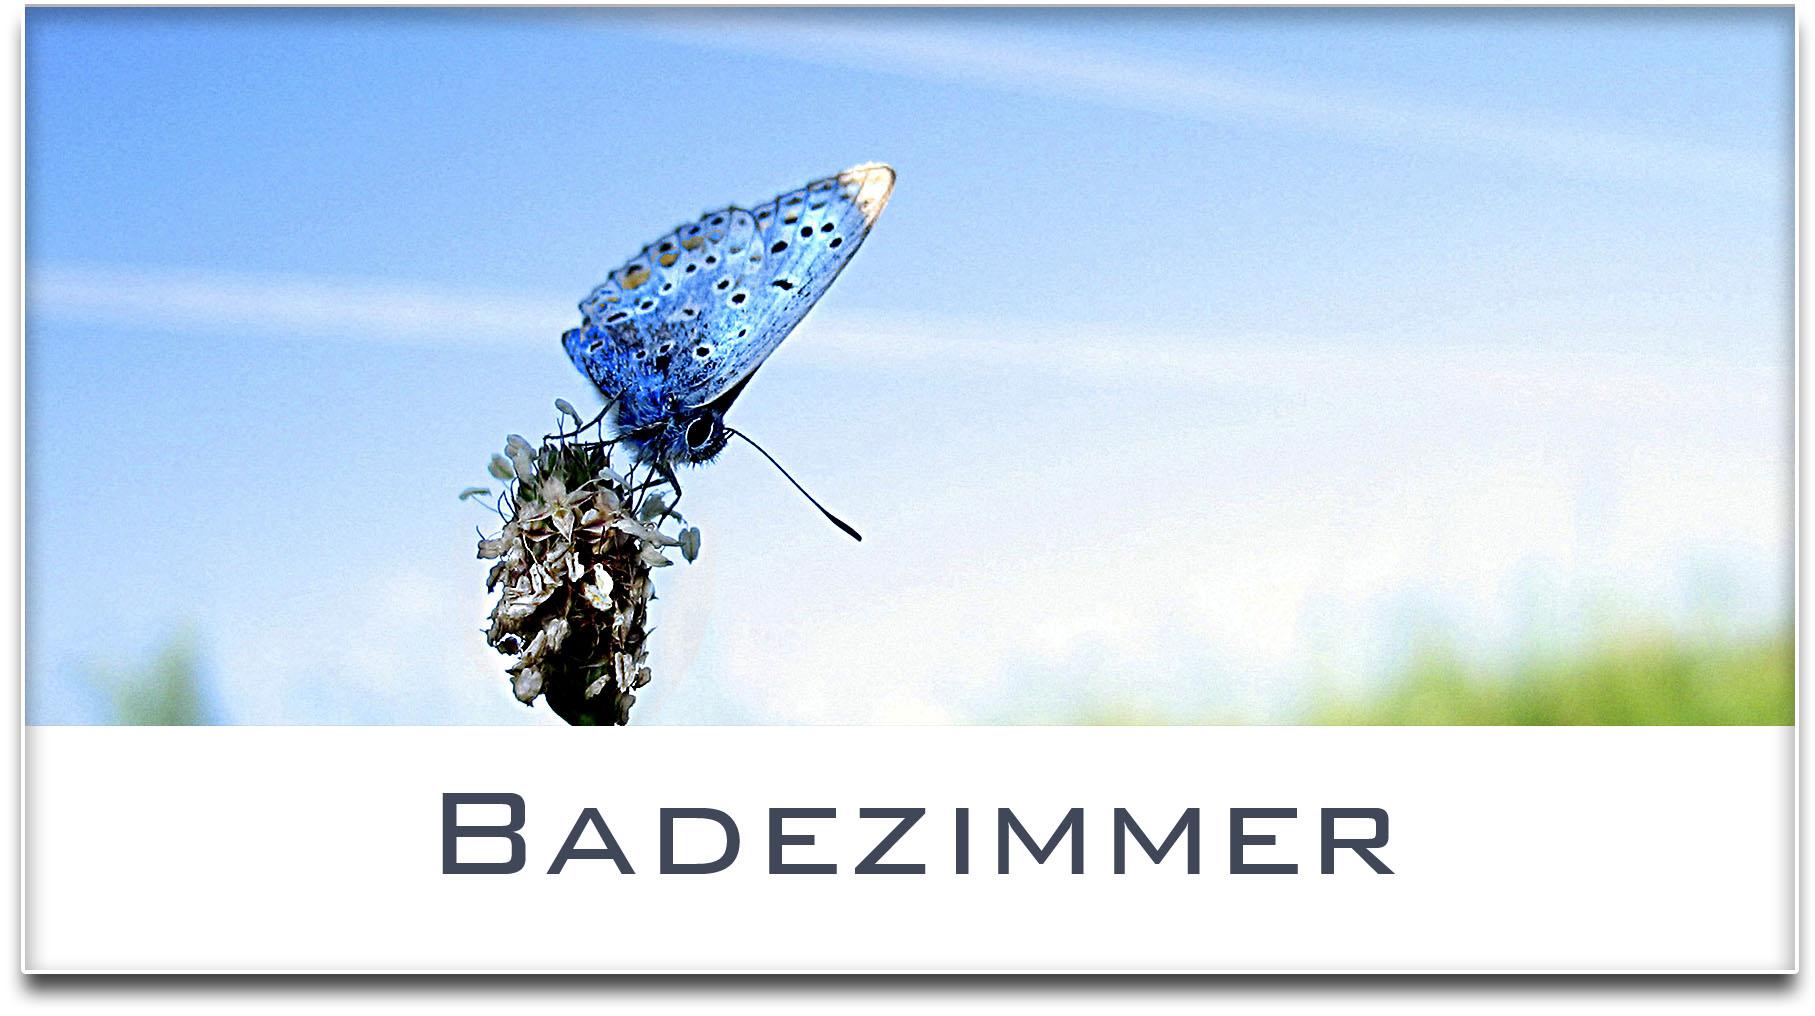 Türschild / Haustürschild / Schmetterling / Badezimmer / Selbstklebend